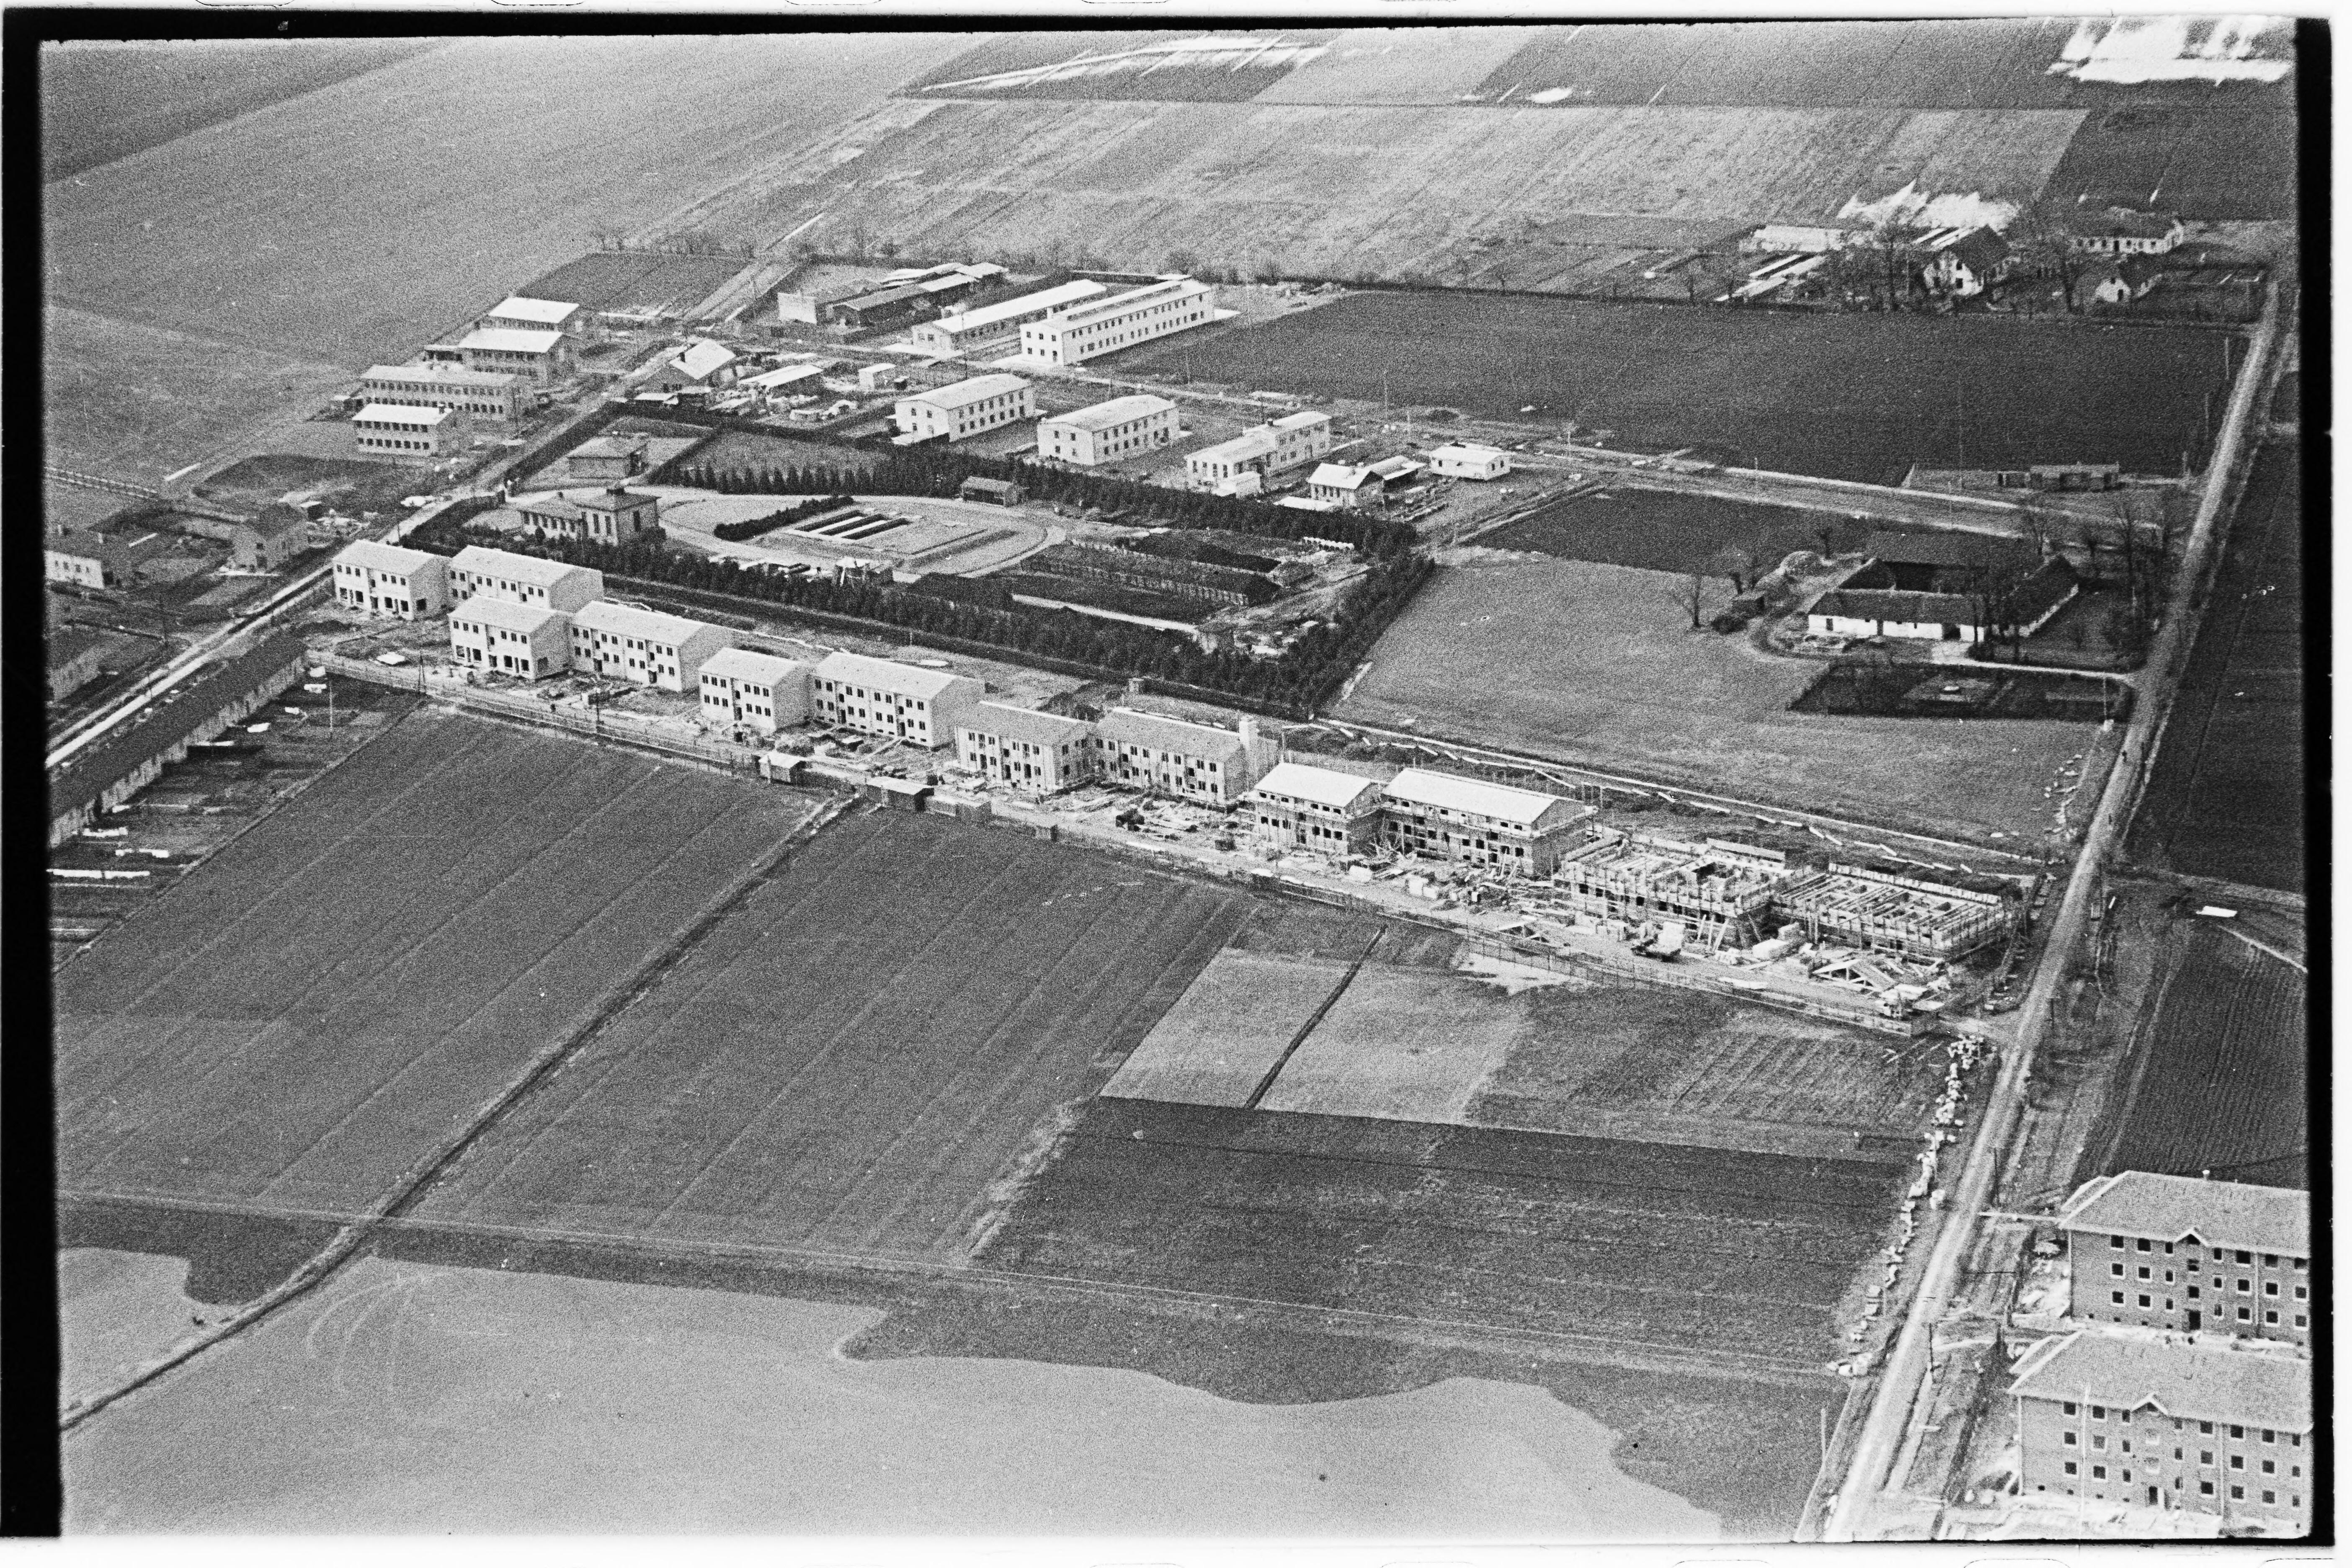 Skråfoto fra 1950-1954 taget 193 meter fra Bibliotekvej 17